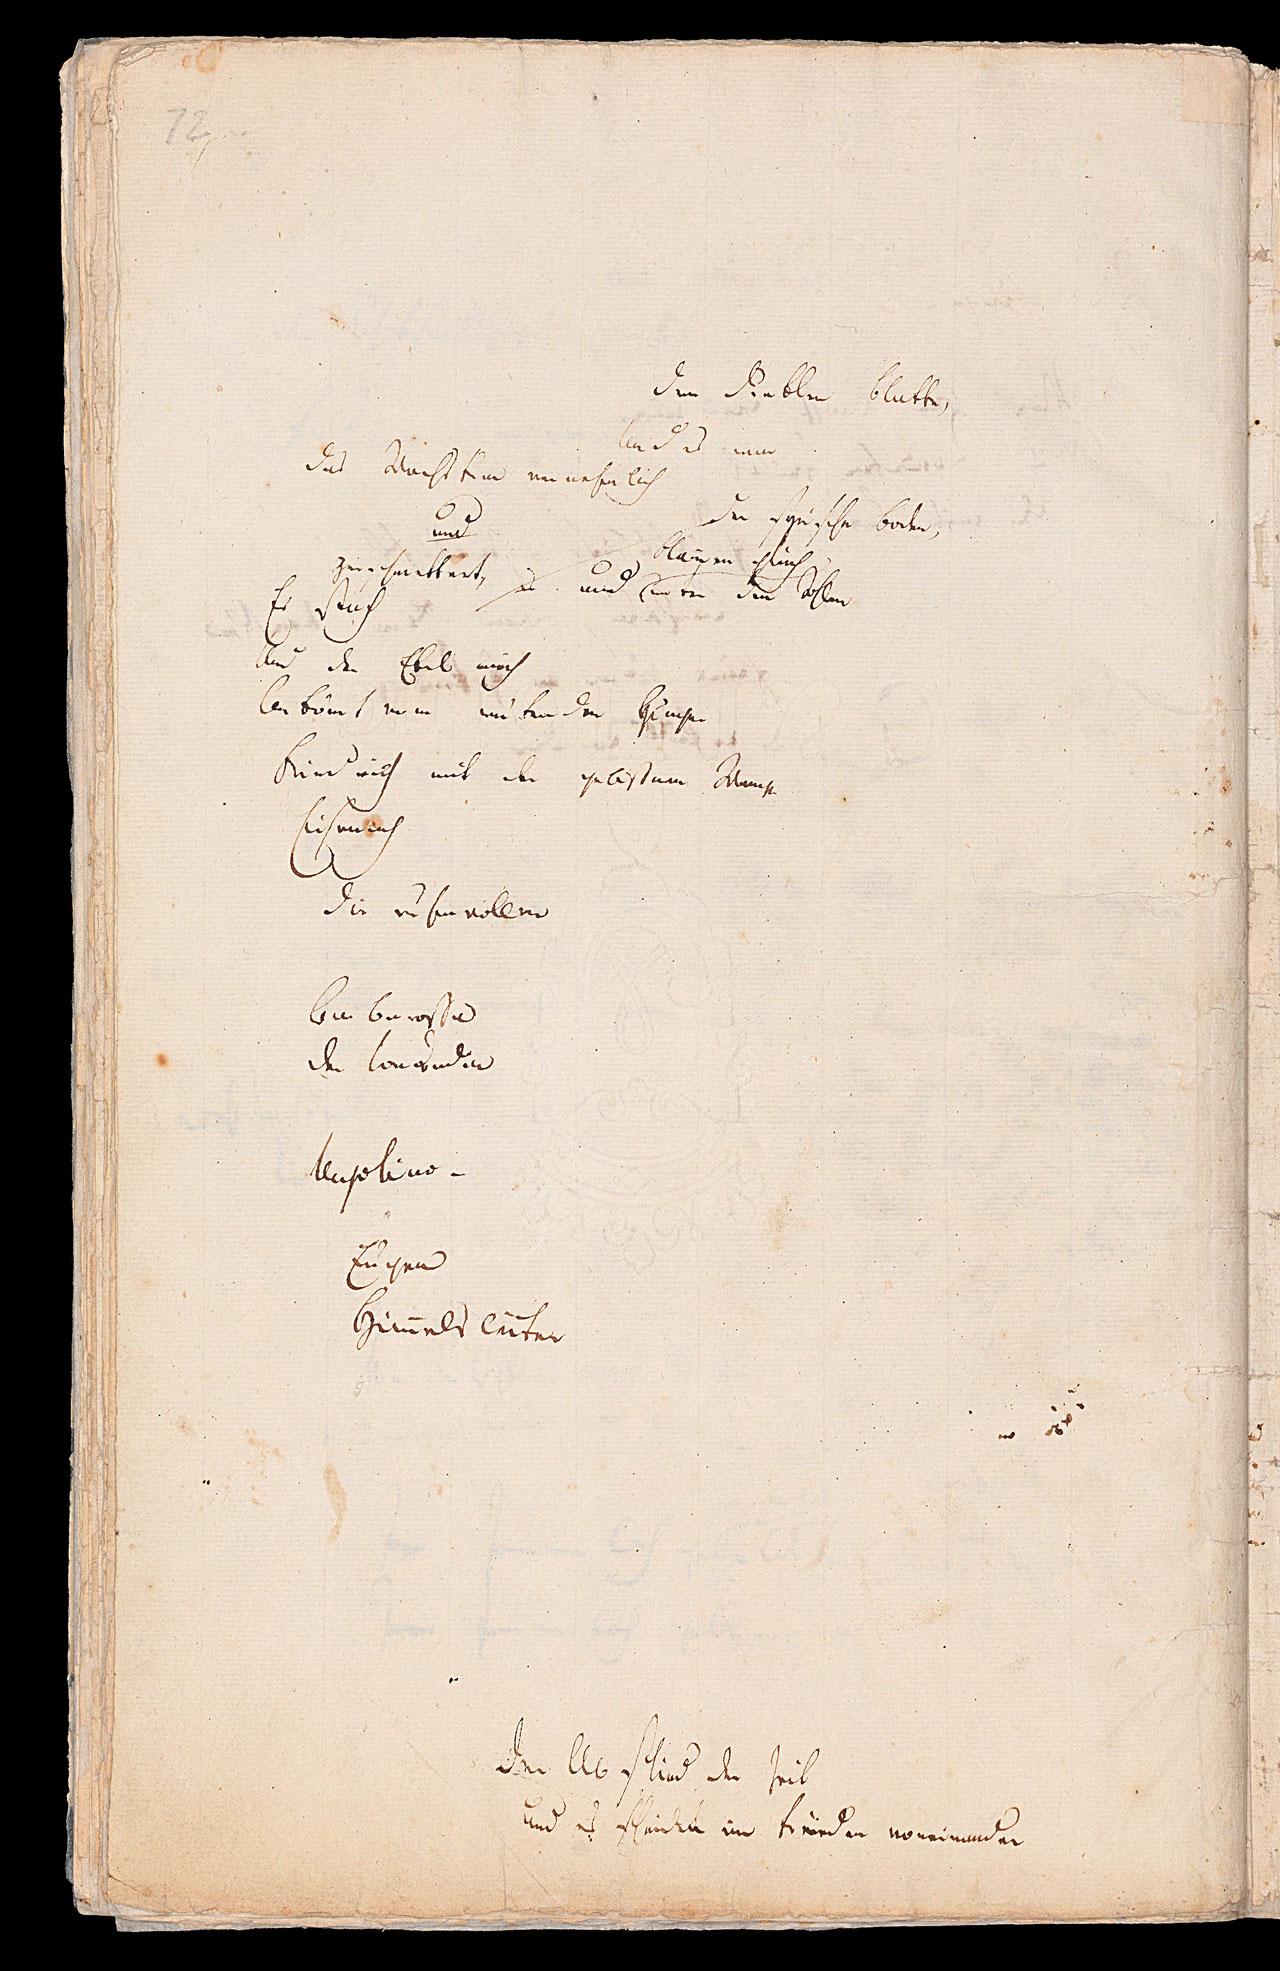 Friedrich Hölderlin, Homburger Folioheft, Seite 72, dem dunklen Blatte…, Handschrift